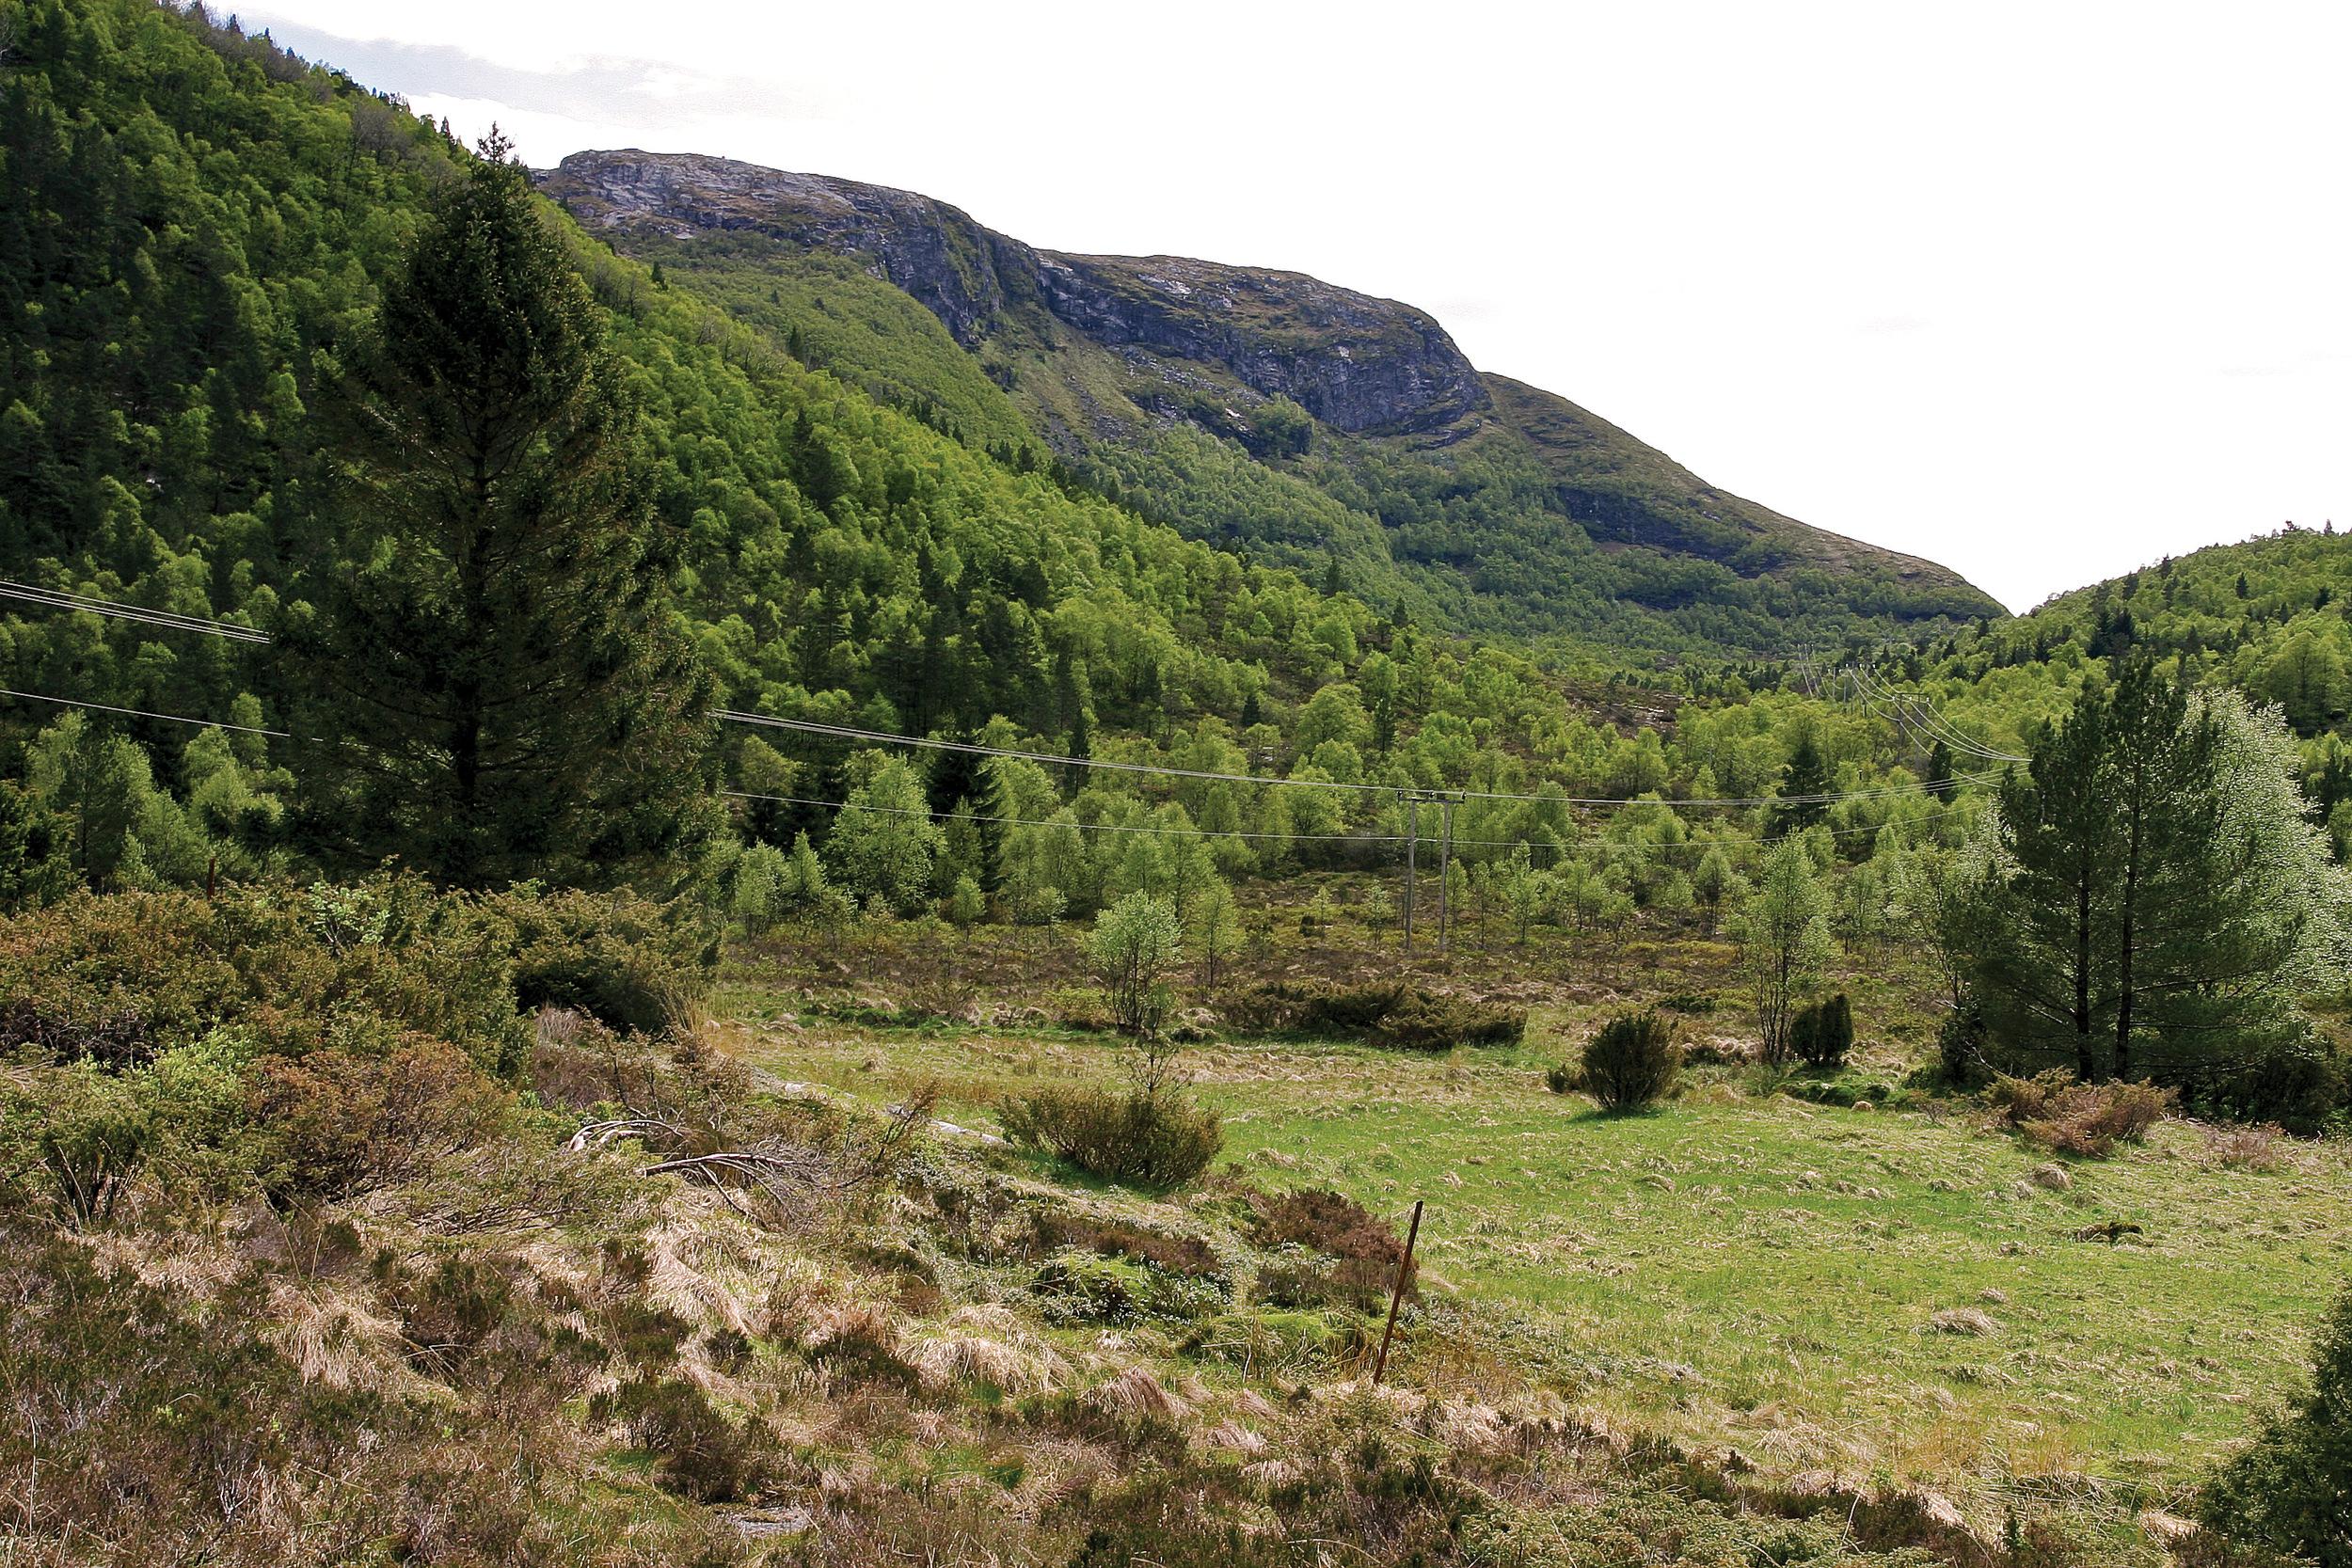 I Norge regnes ofte treslagsskifte, det vil si tilplanting av tidligere furuskog og lauvskog som skogreising. Skogreisingsmark i Gulen, Hordaland. Foto: John Yngvar Larsson, NIBIO